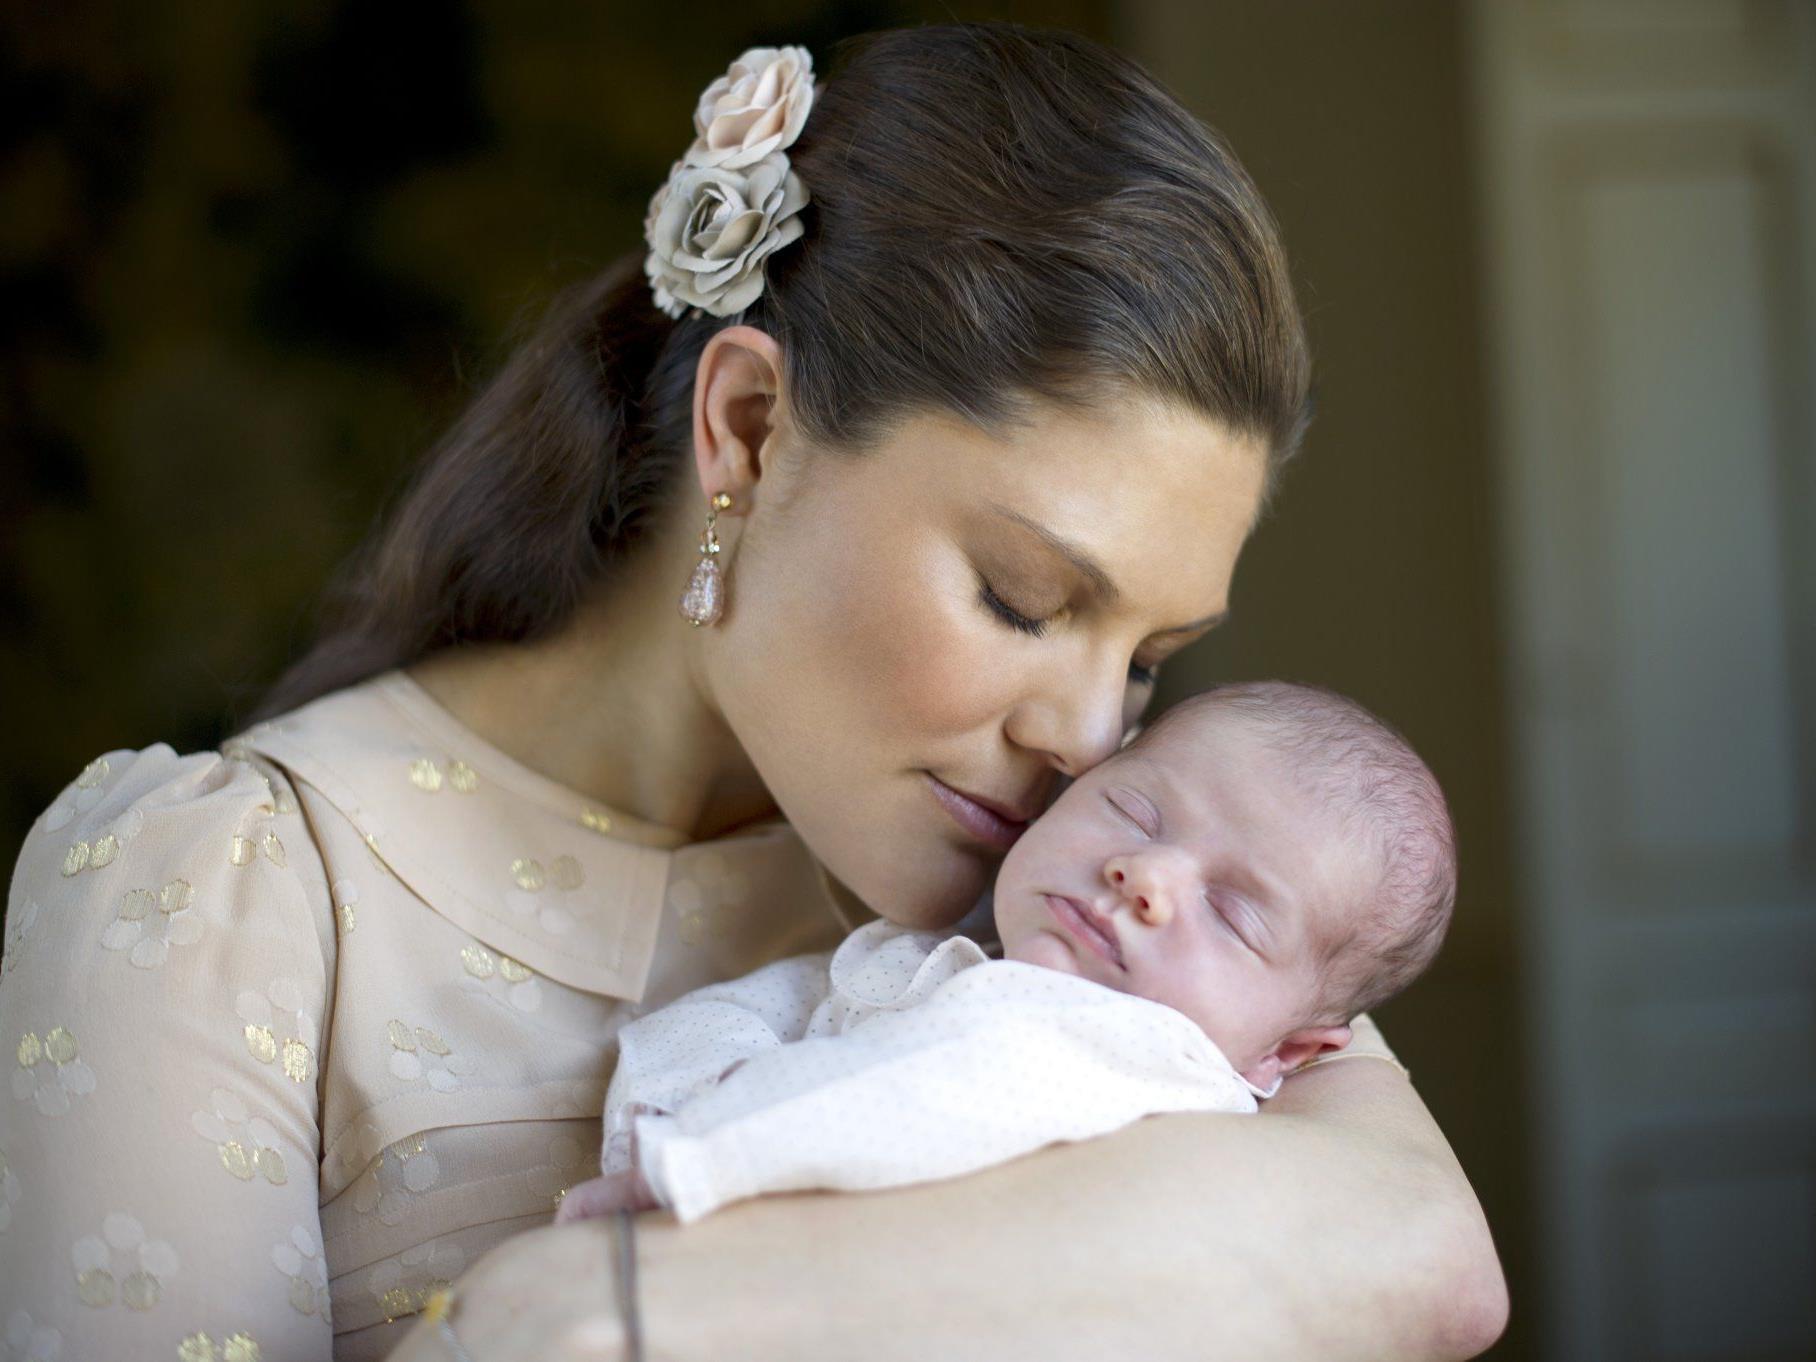 Neue Fotos zeigen Kronprinzessin Victoria und Baby-Prinzessin Estelle.